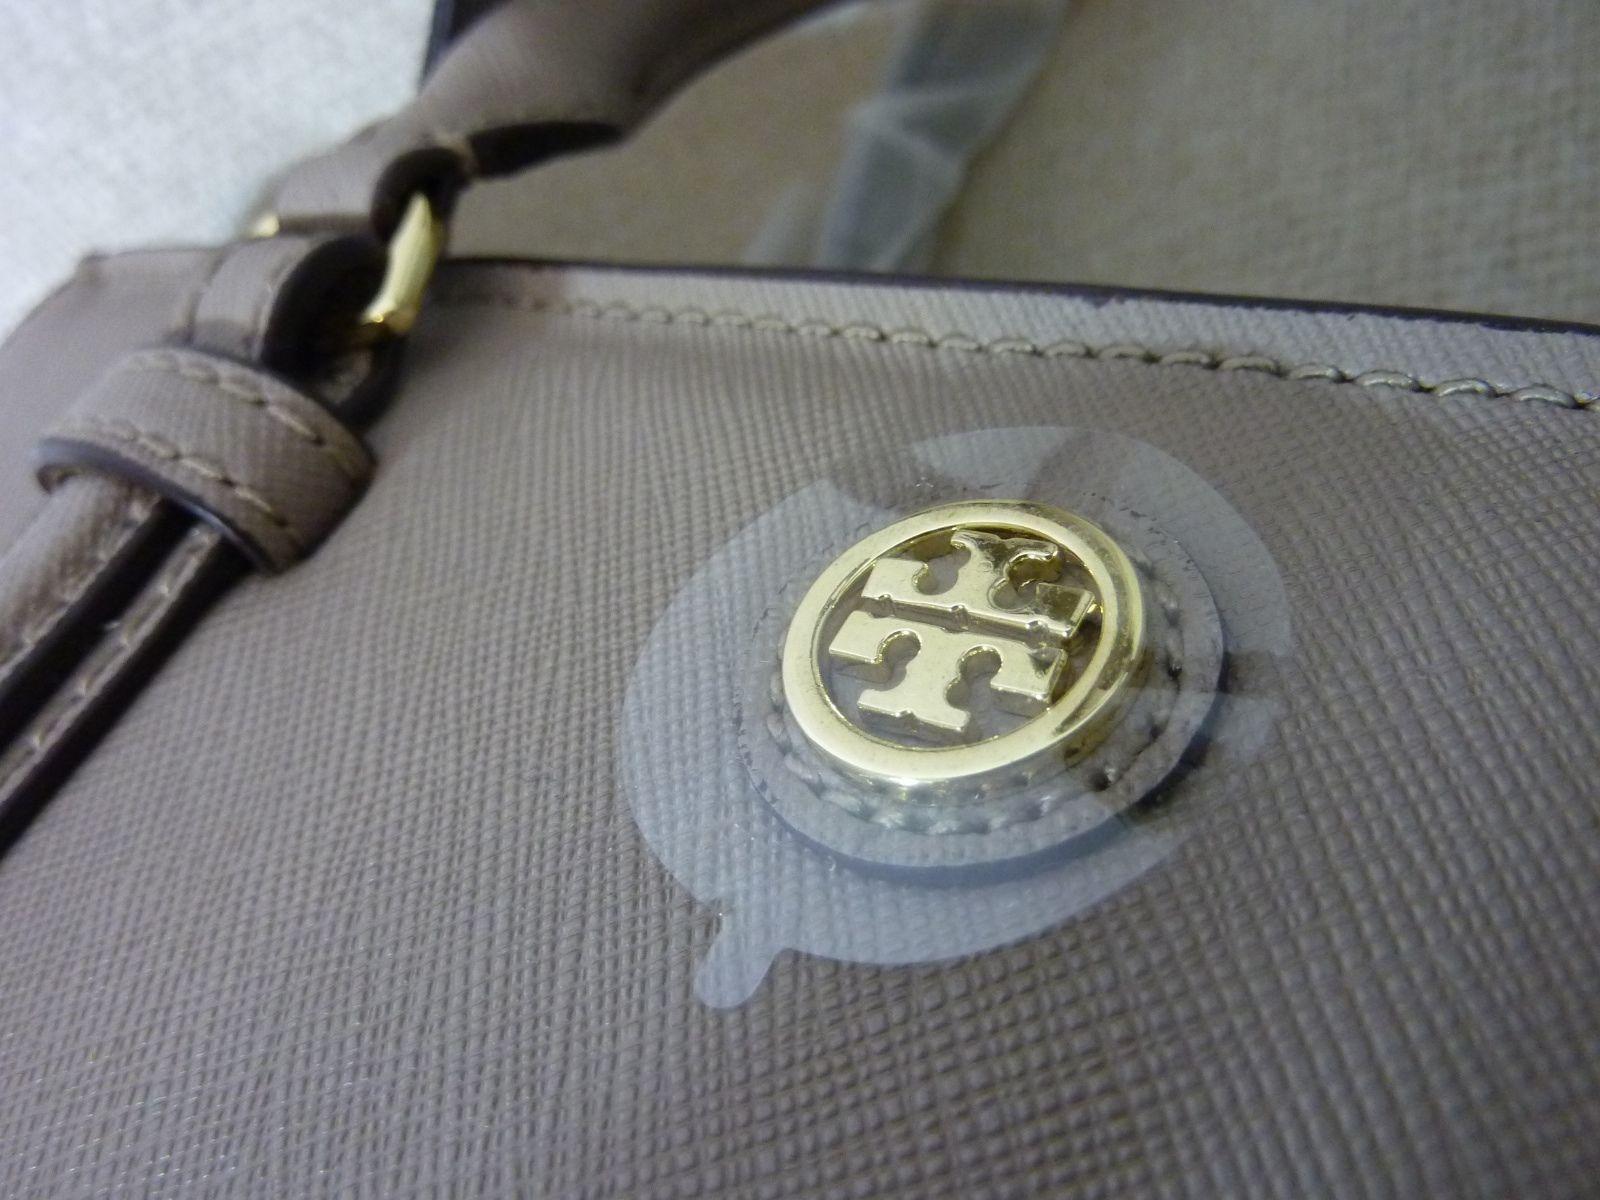 NWT Tory Burch French Gray Saffiano Leather Robinson Mini Square Tote image 7